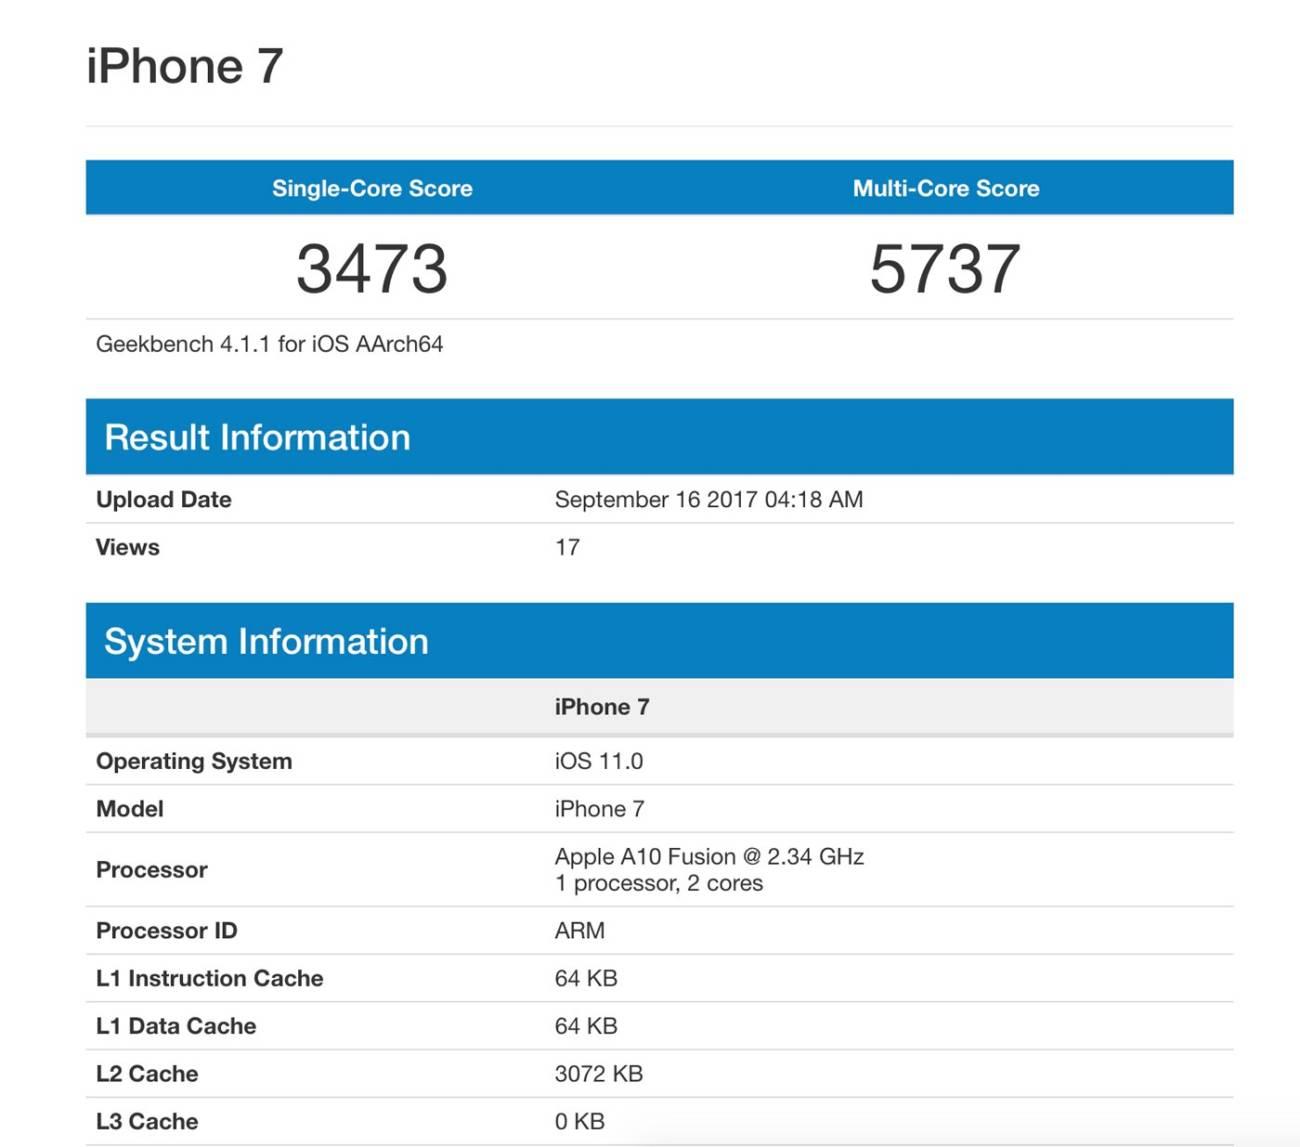 iPhone 7 A10 fusionチップ 性能